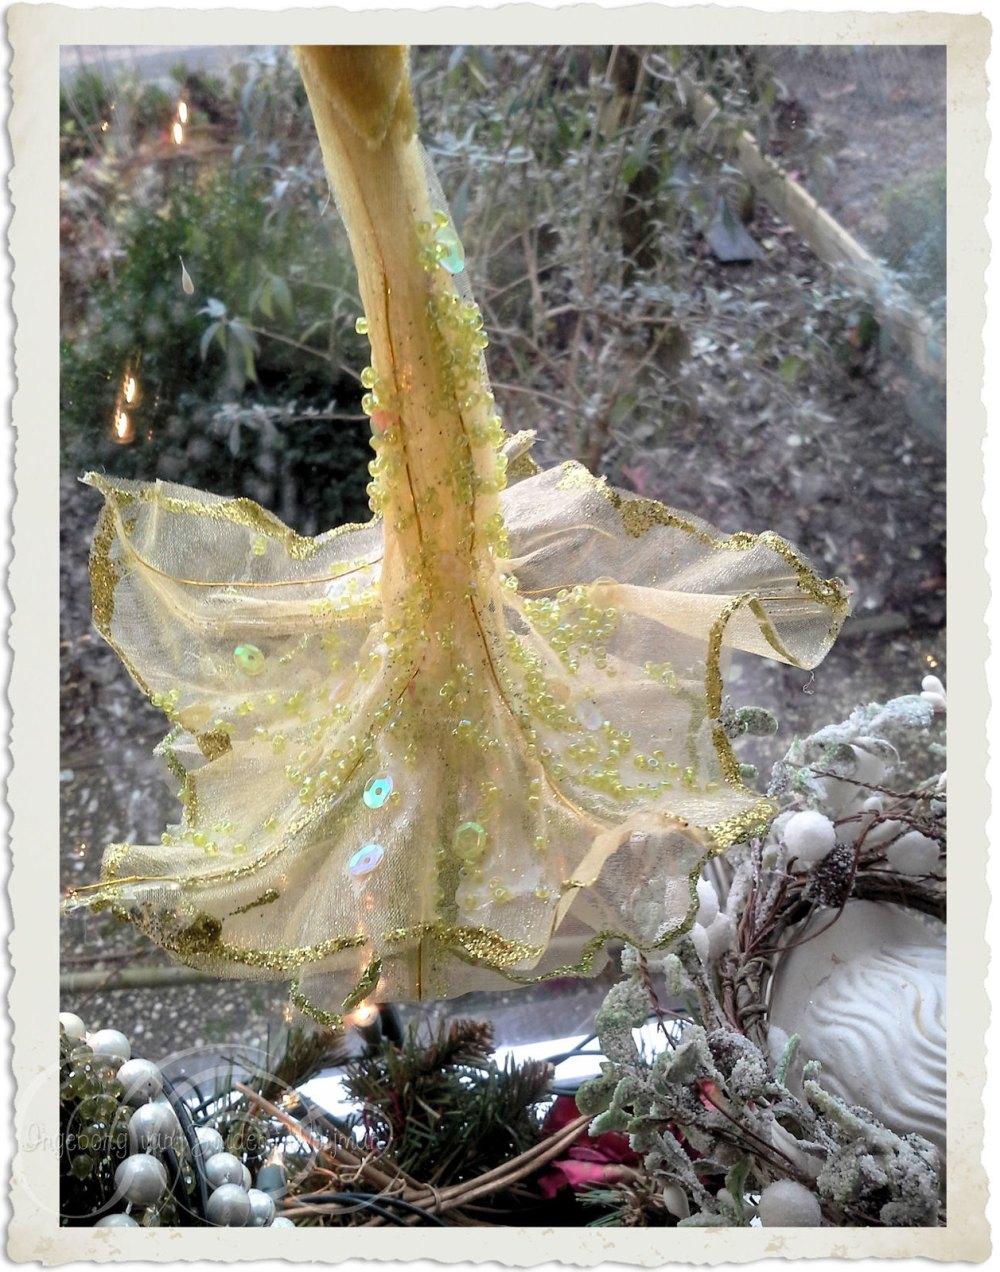 Fairy Christmas decoration